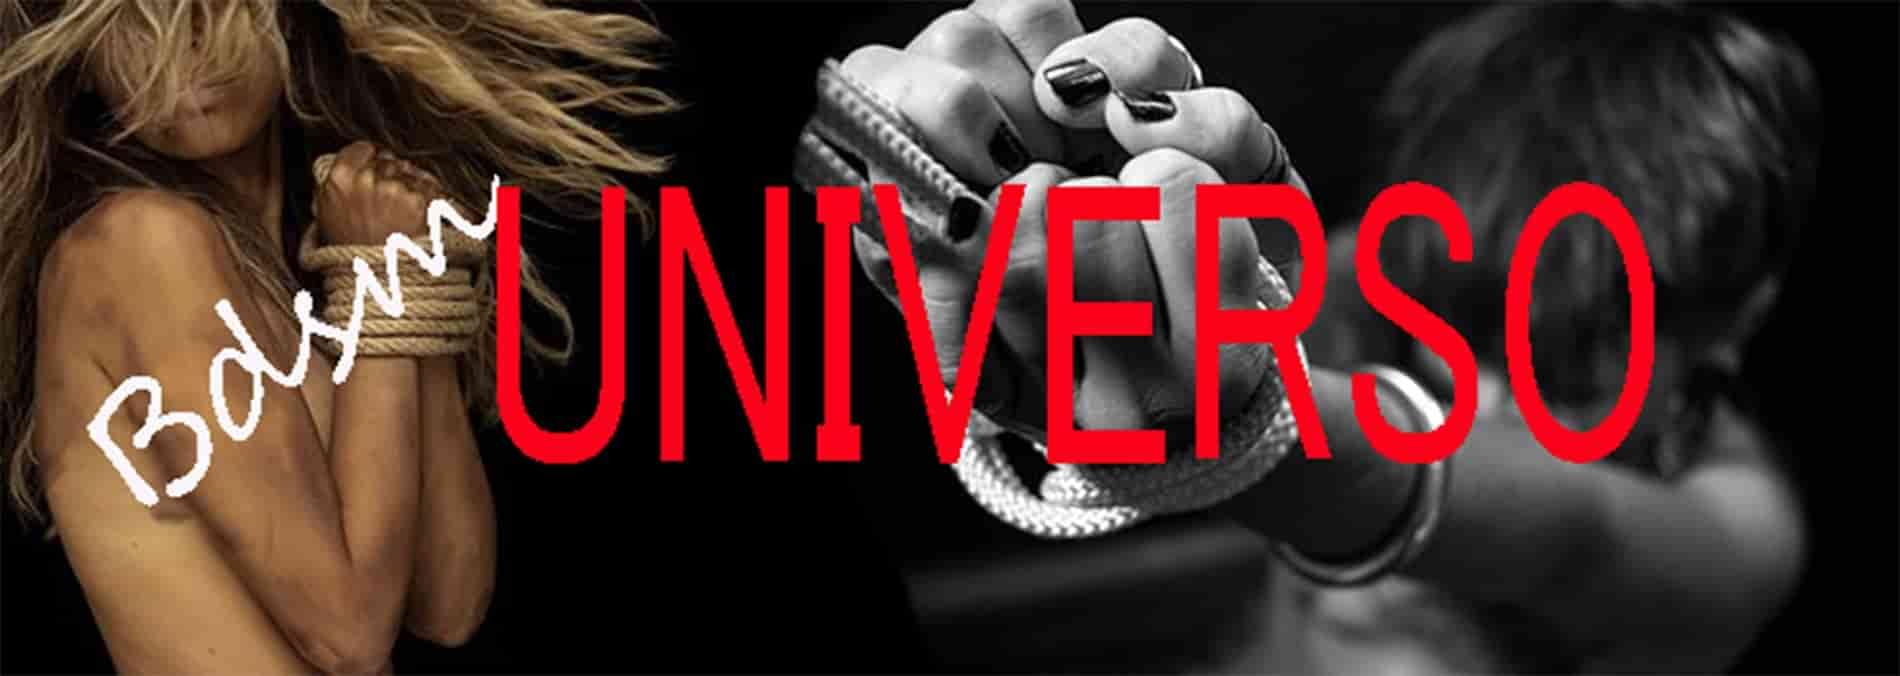 BdsmUniverso.com